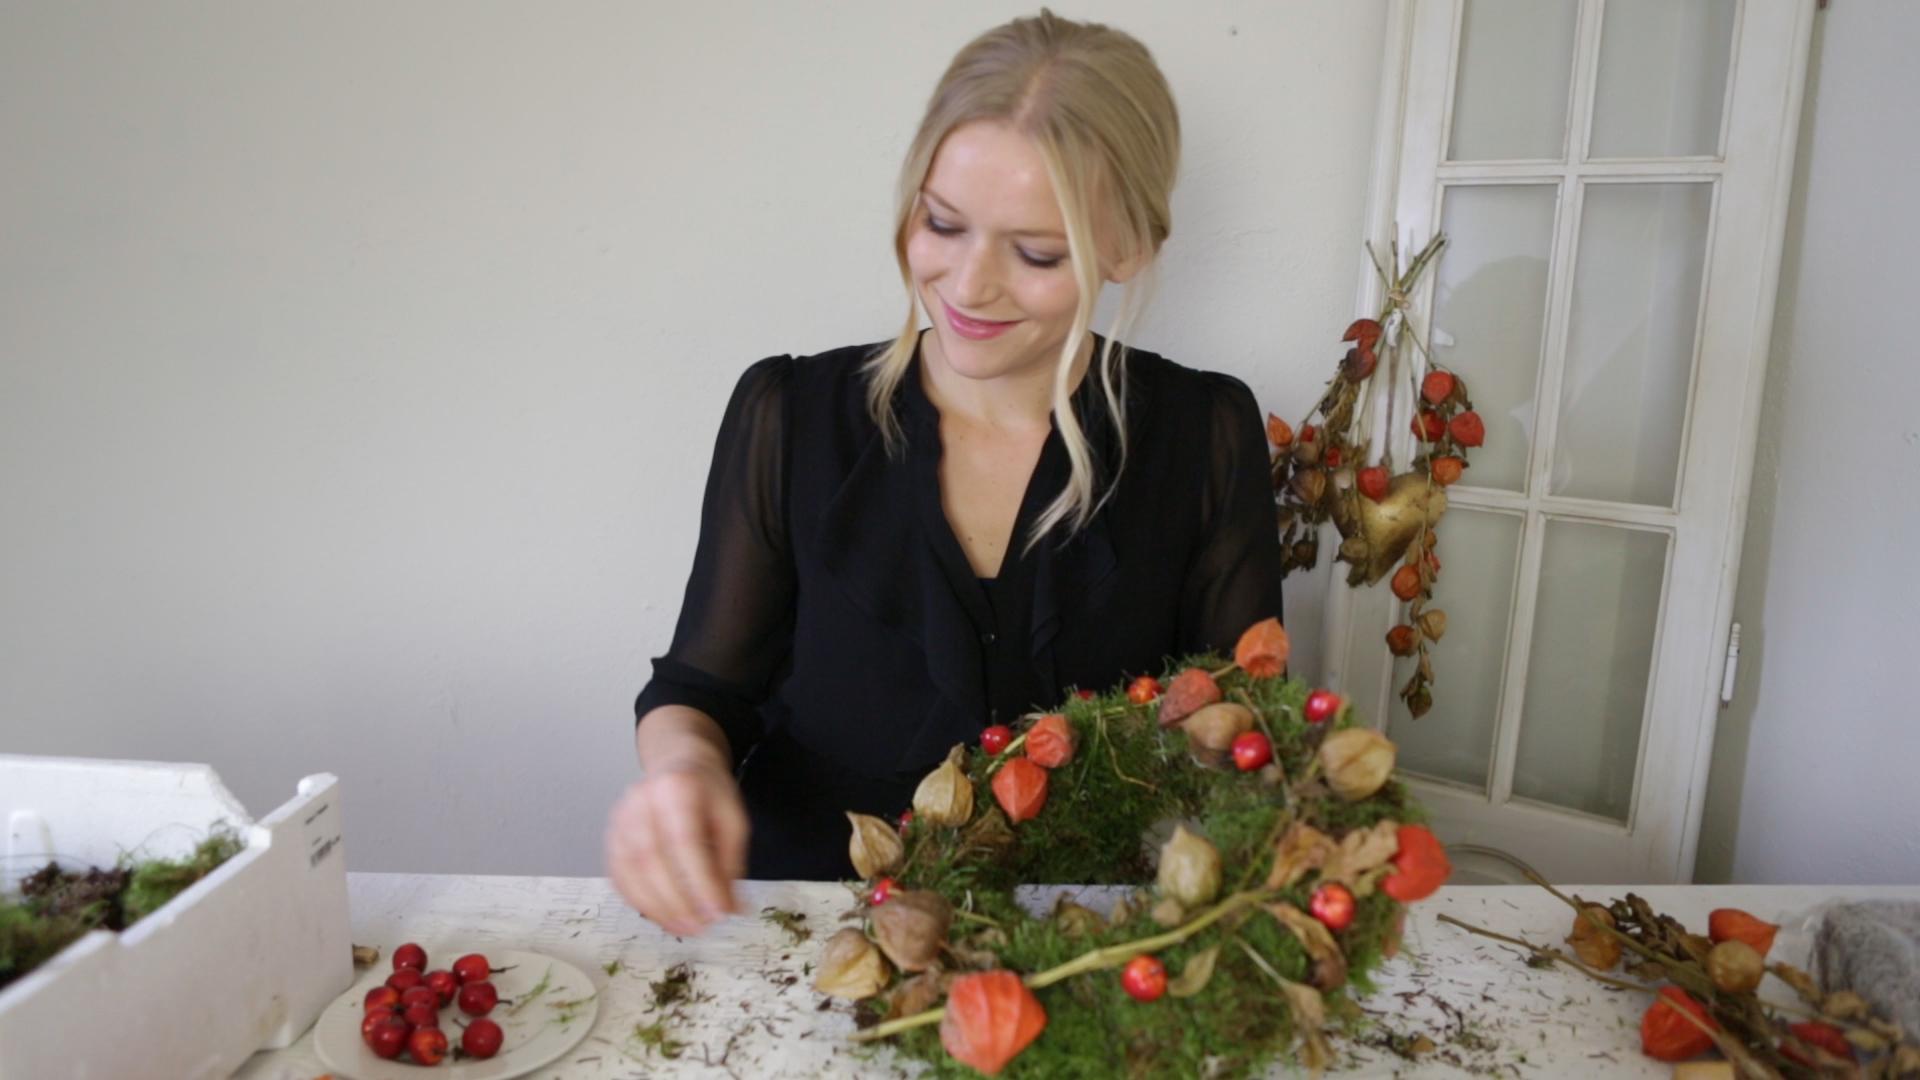 Zelf een herfstkrans maken inspiraties - Coulissan deur je dressing bladeren ...